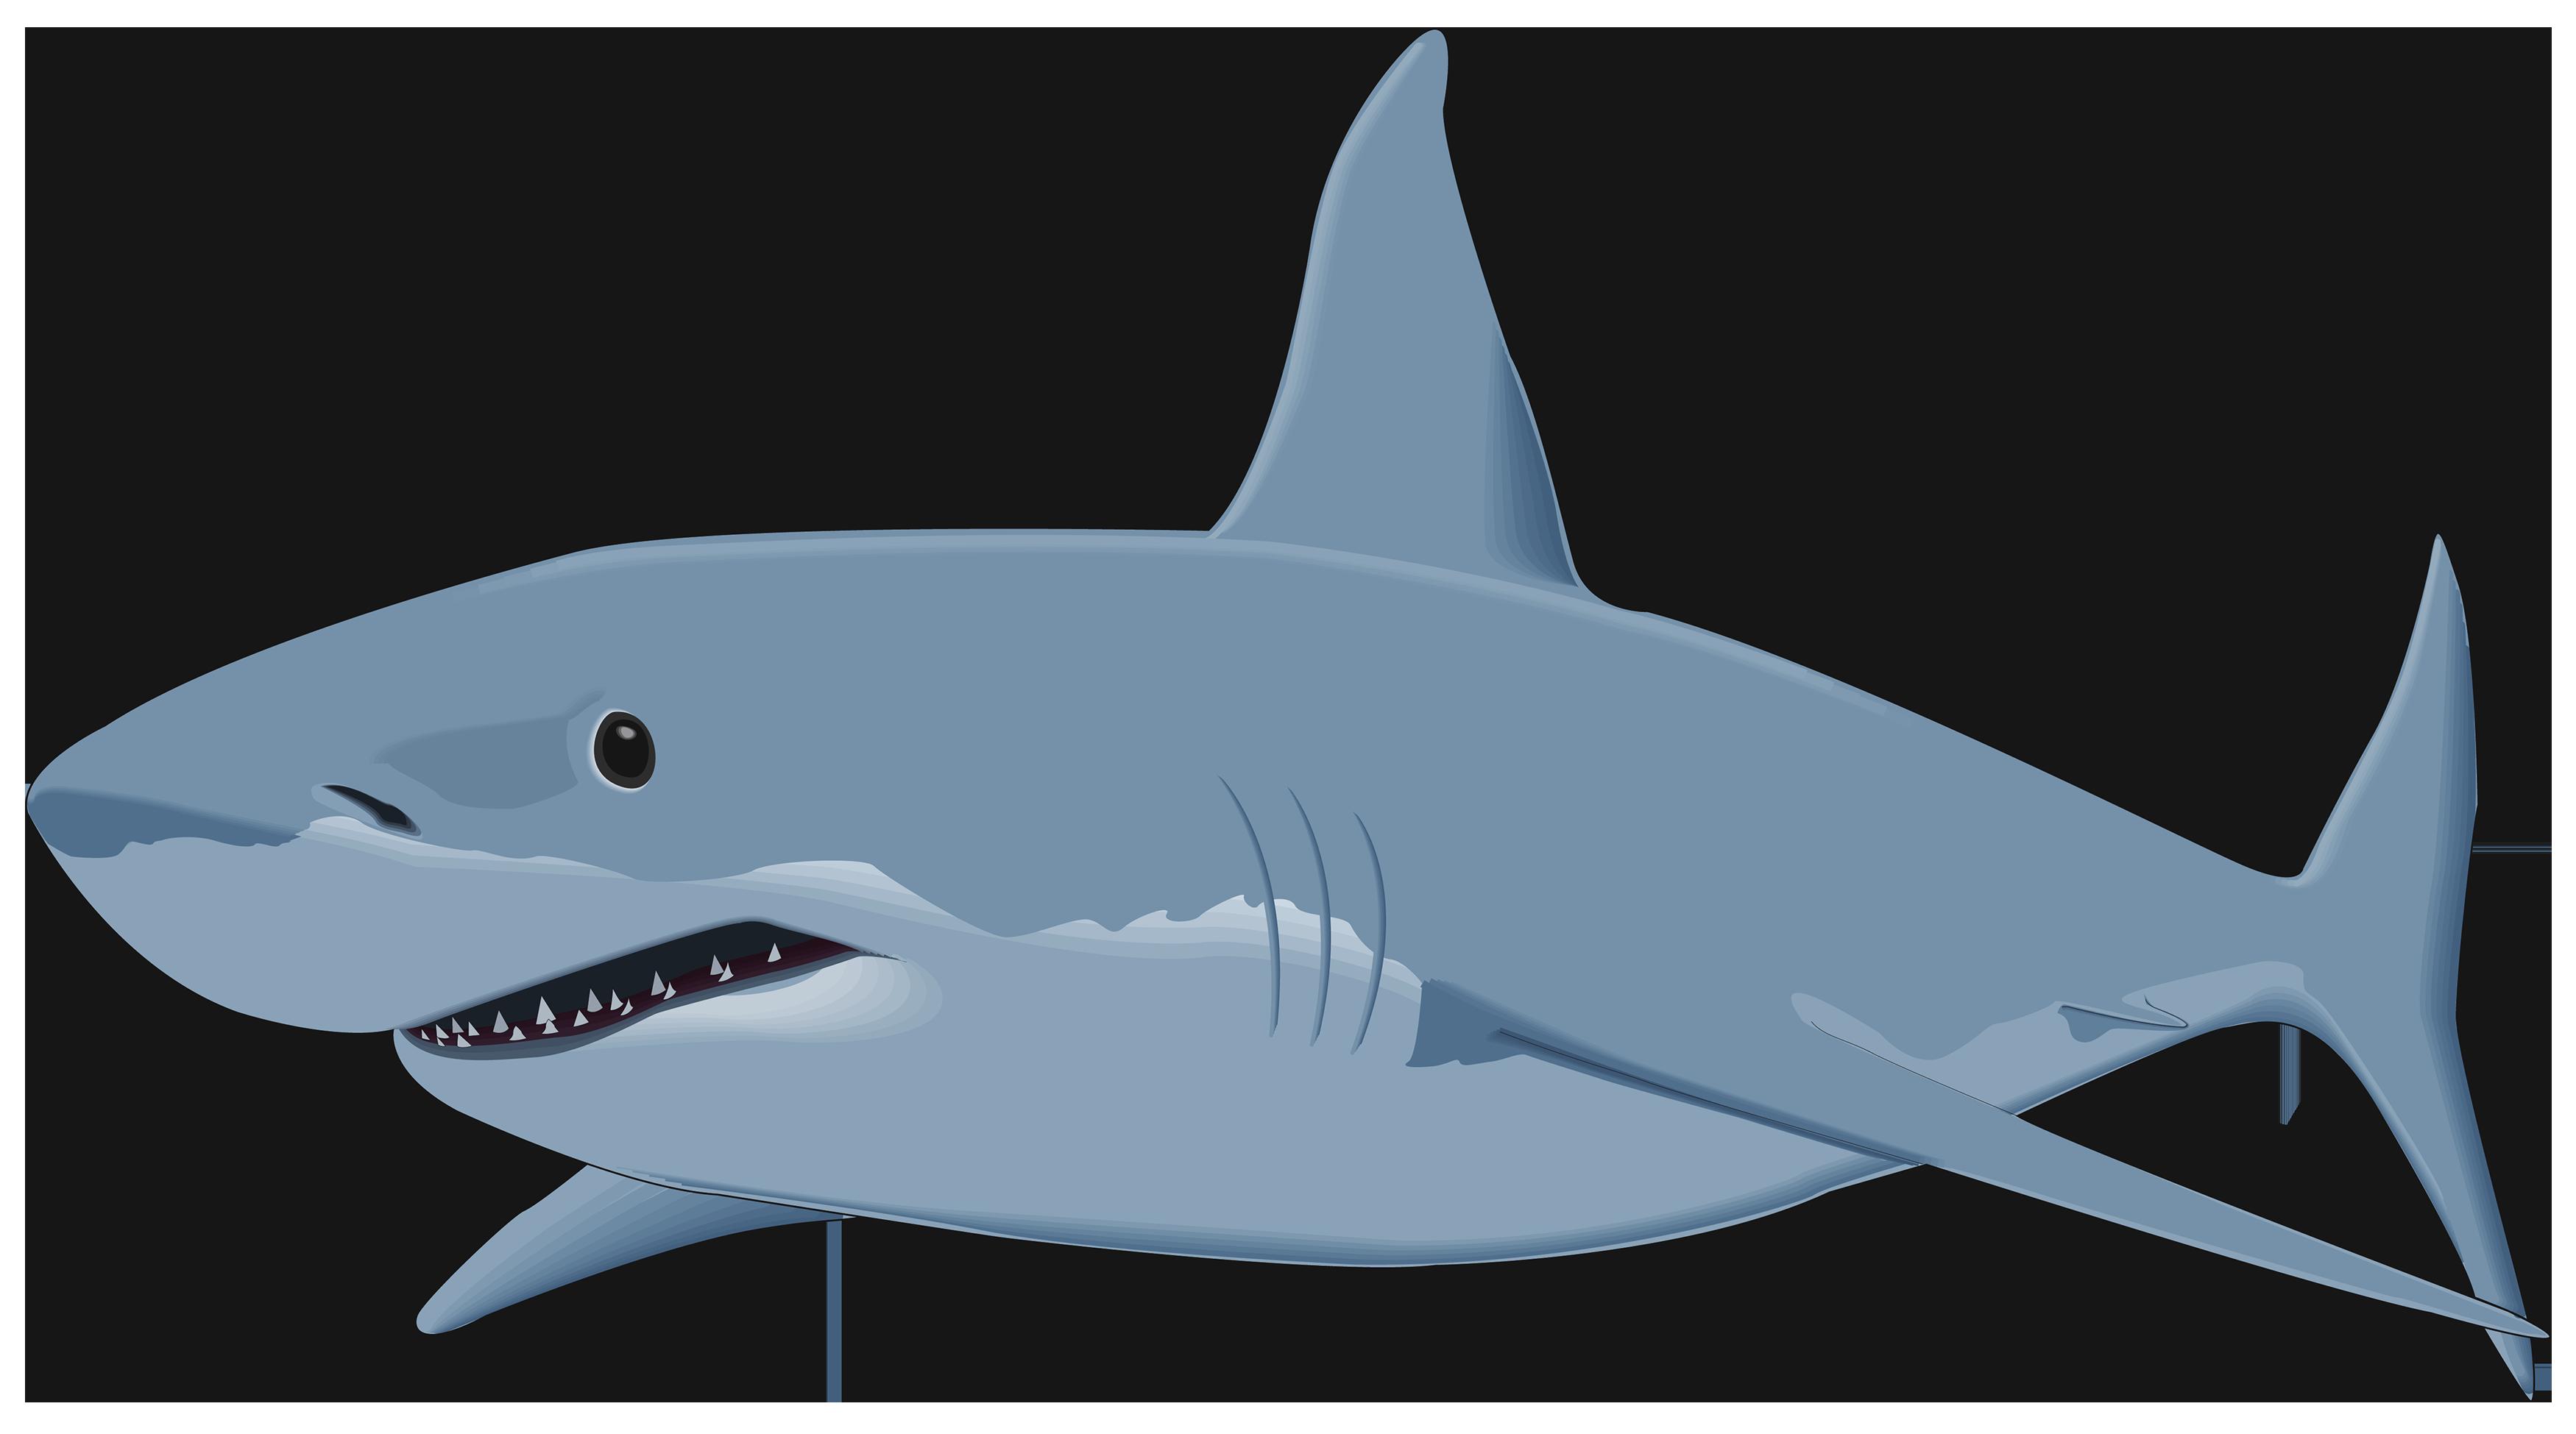 Sharks PNG images free download - 687.0KB